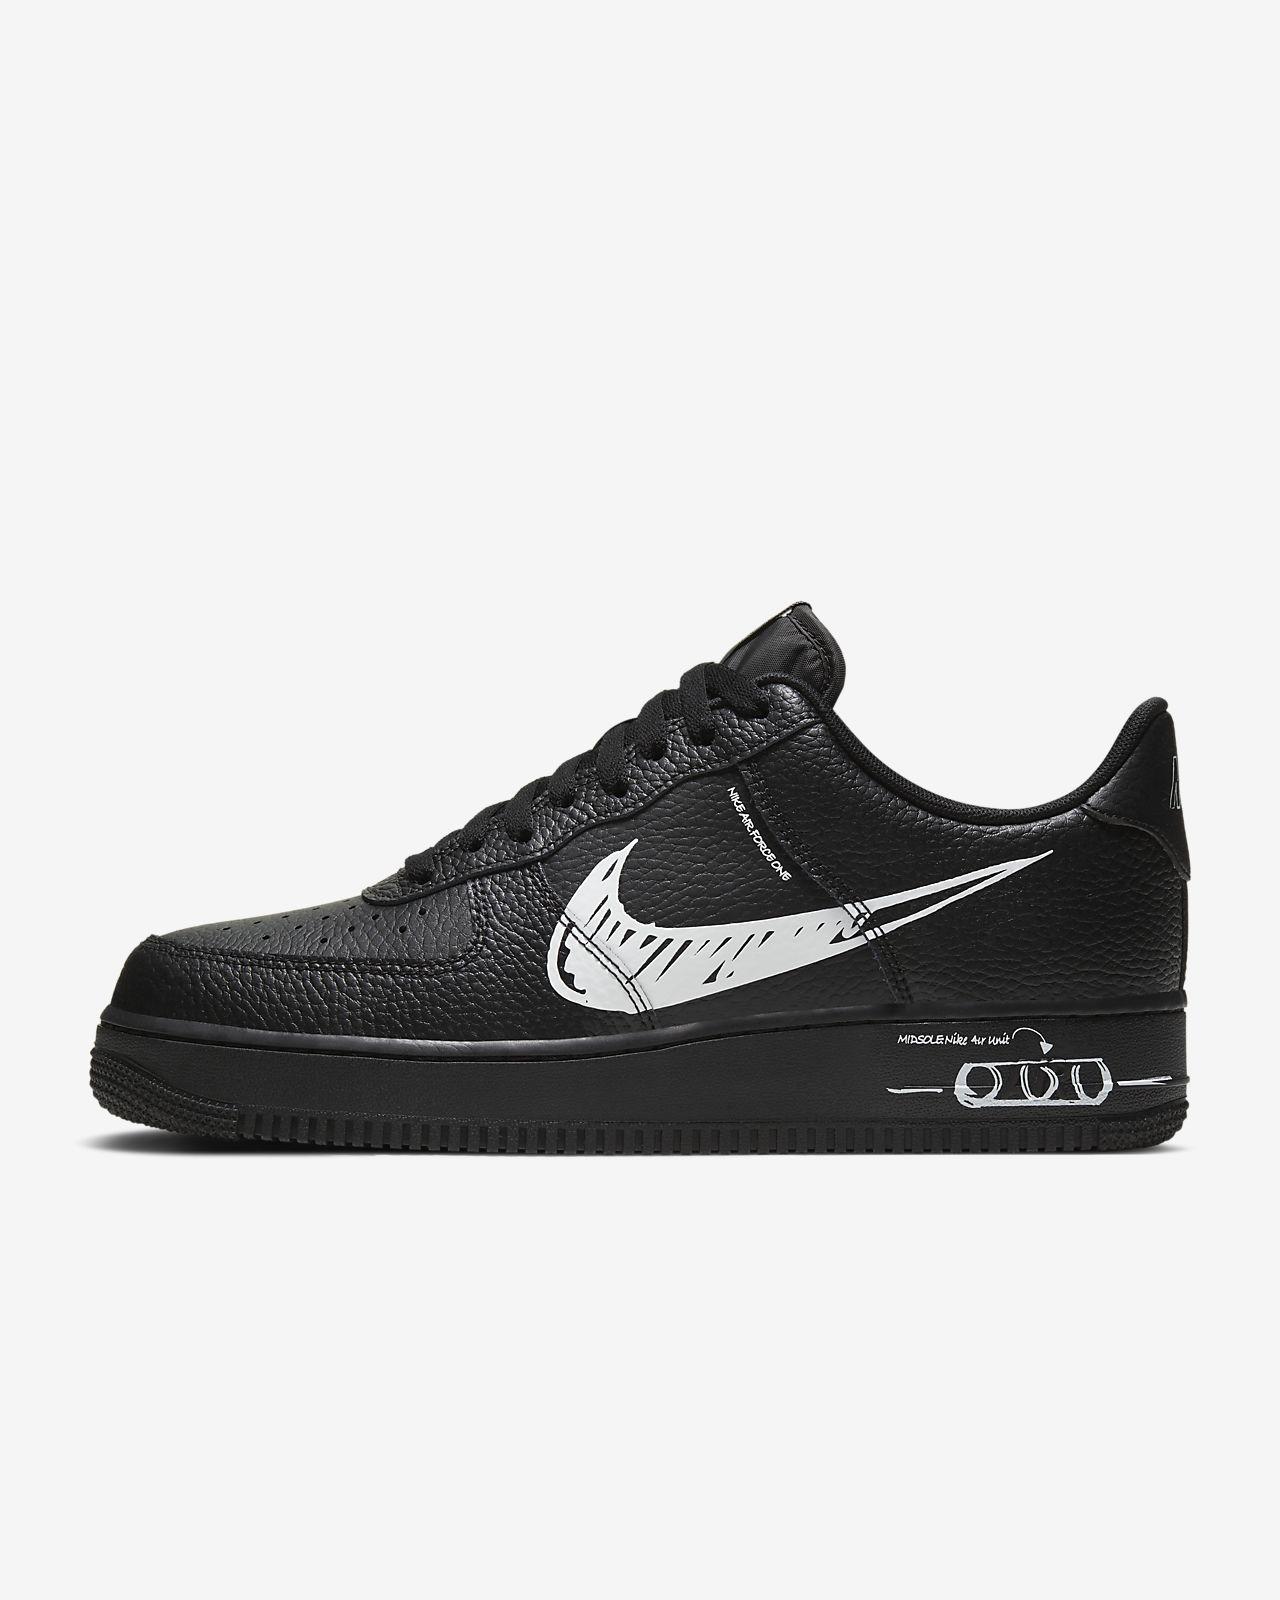 Nike Air Force 1 LV8 Utility Erkek Ayakkabısı